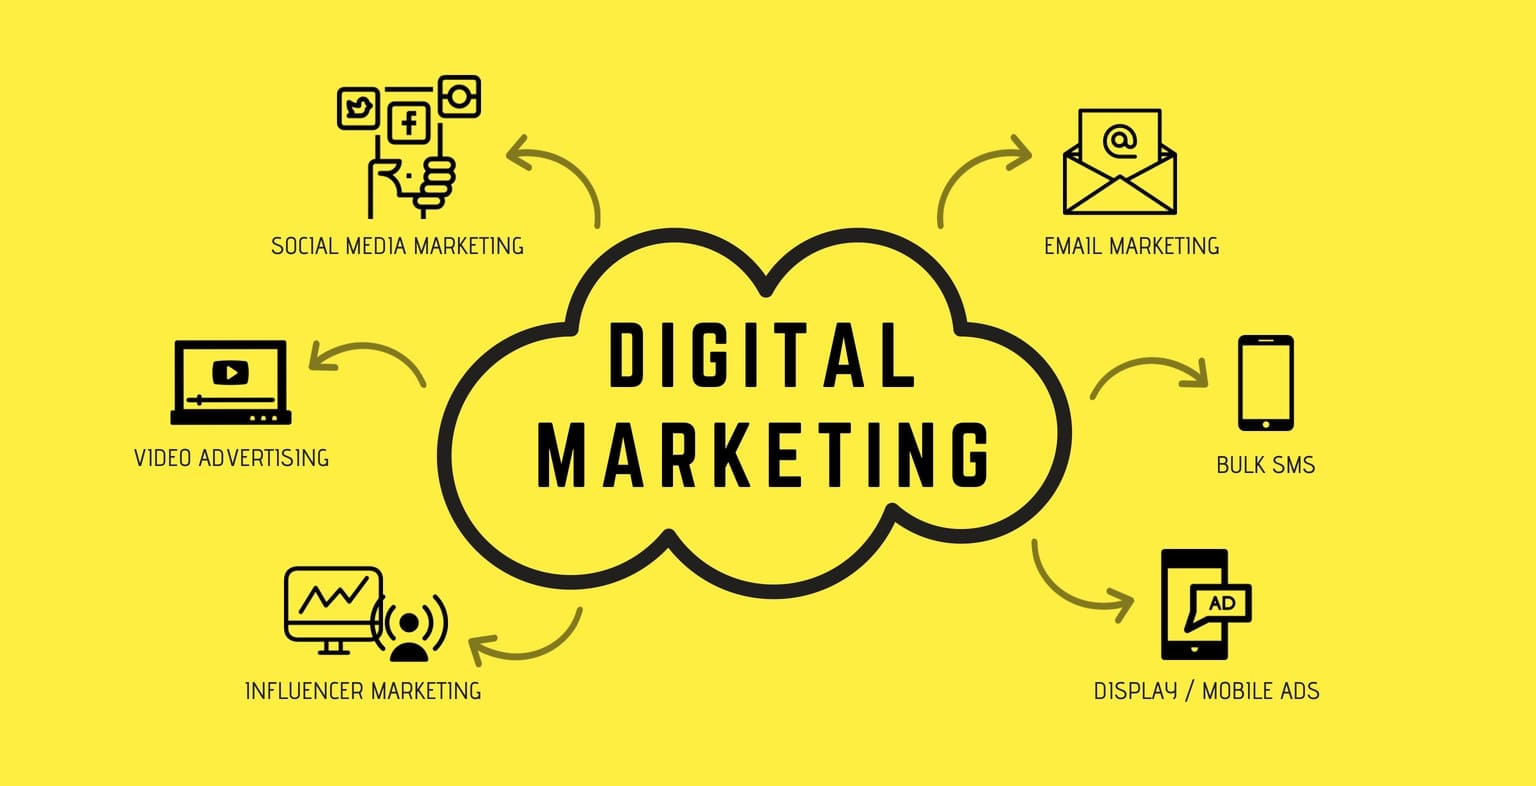 چگونه یک مشاور تبلیغاتی به معرفی شرکت در دنیای دیجیتال کمک می کند